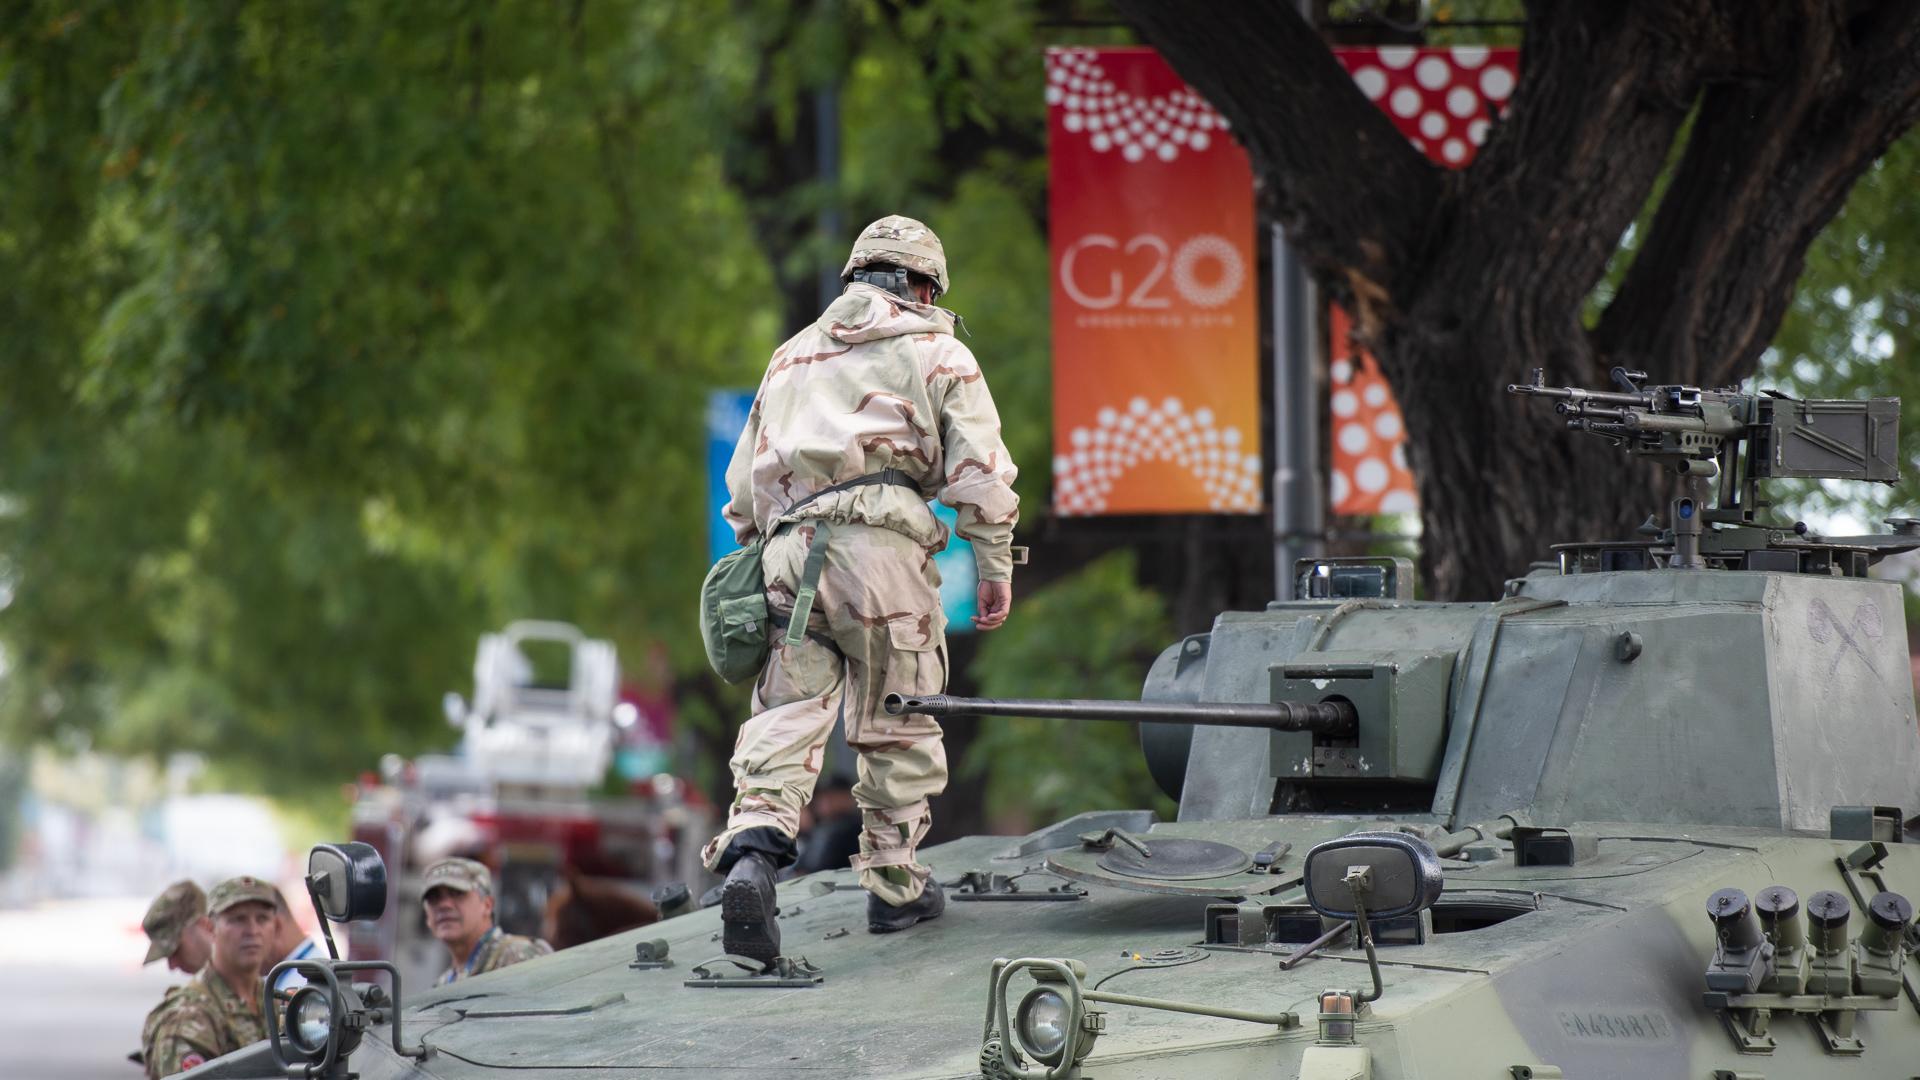 Los operativos de seguridad incluyeron 22 mil efectivos